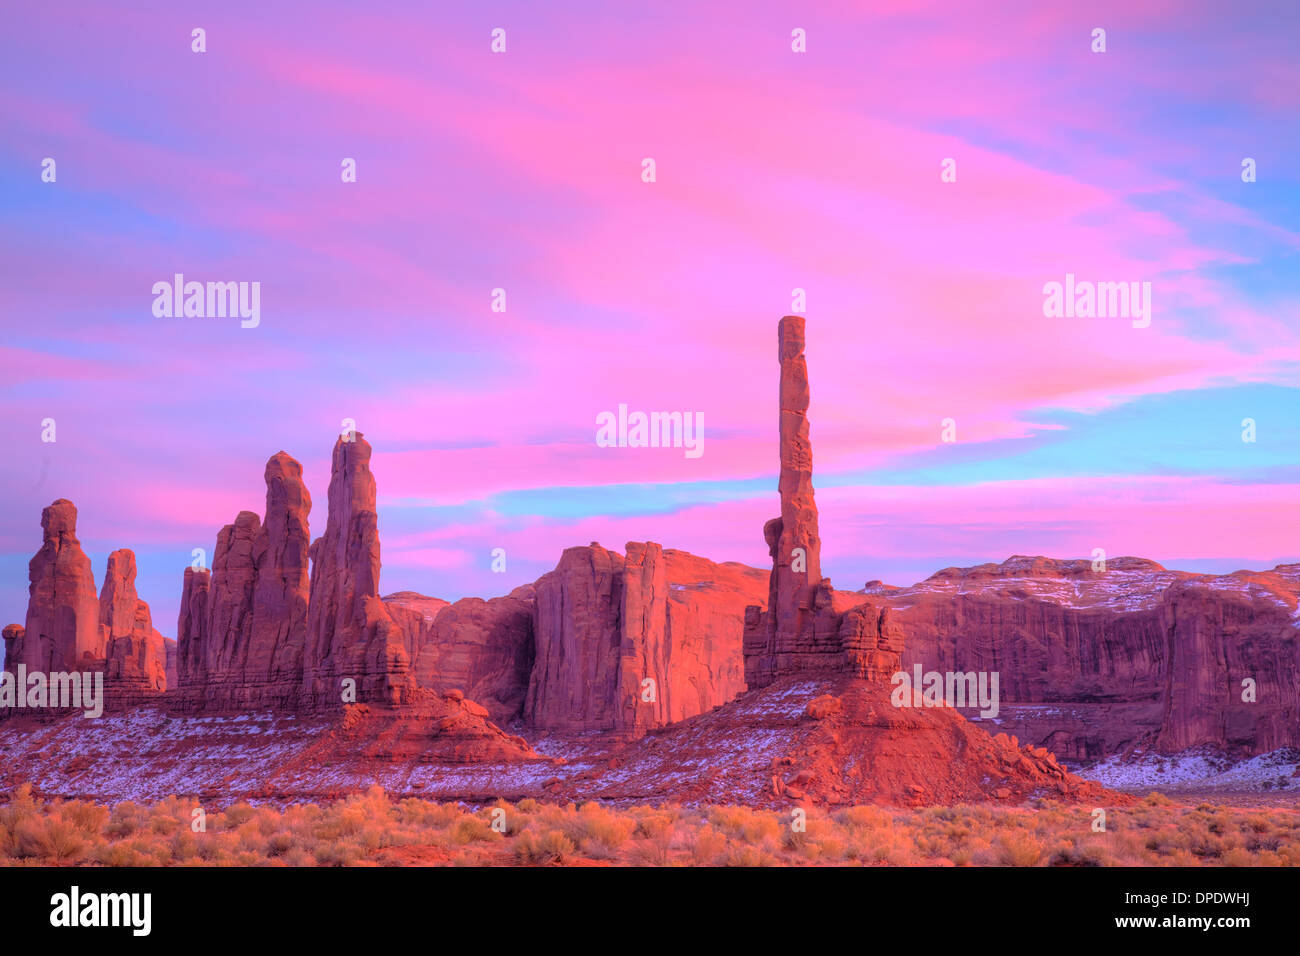 El Tótem al atardecer, Monument Valley Tribal Park, Arizona reserva Navajo, delgado pináculo de piedra arenisca de Chelly Imagen De Stock